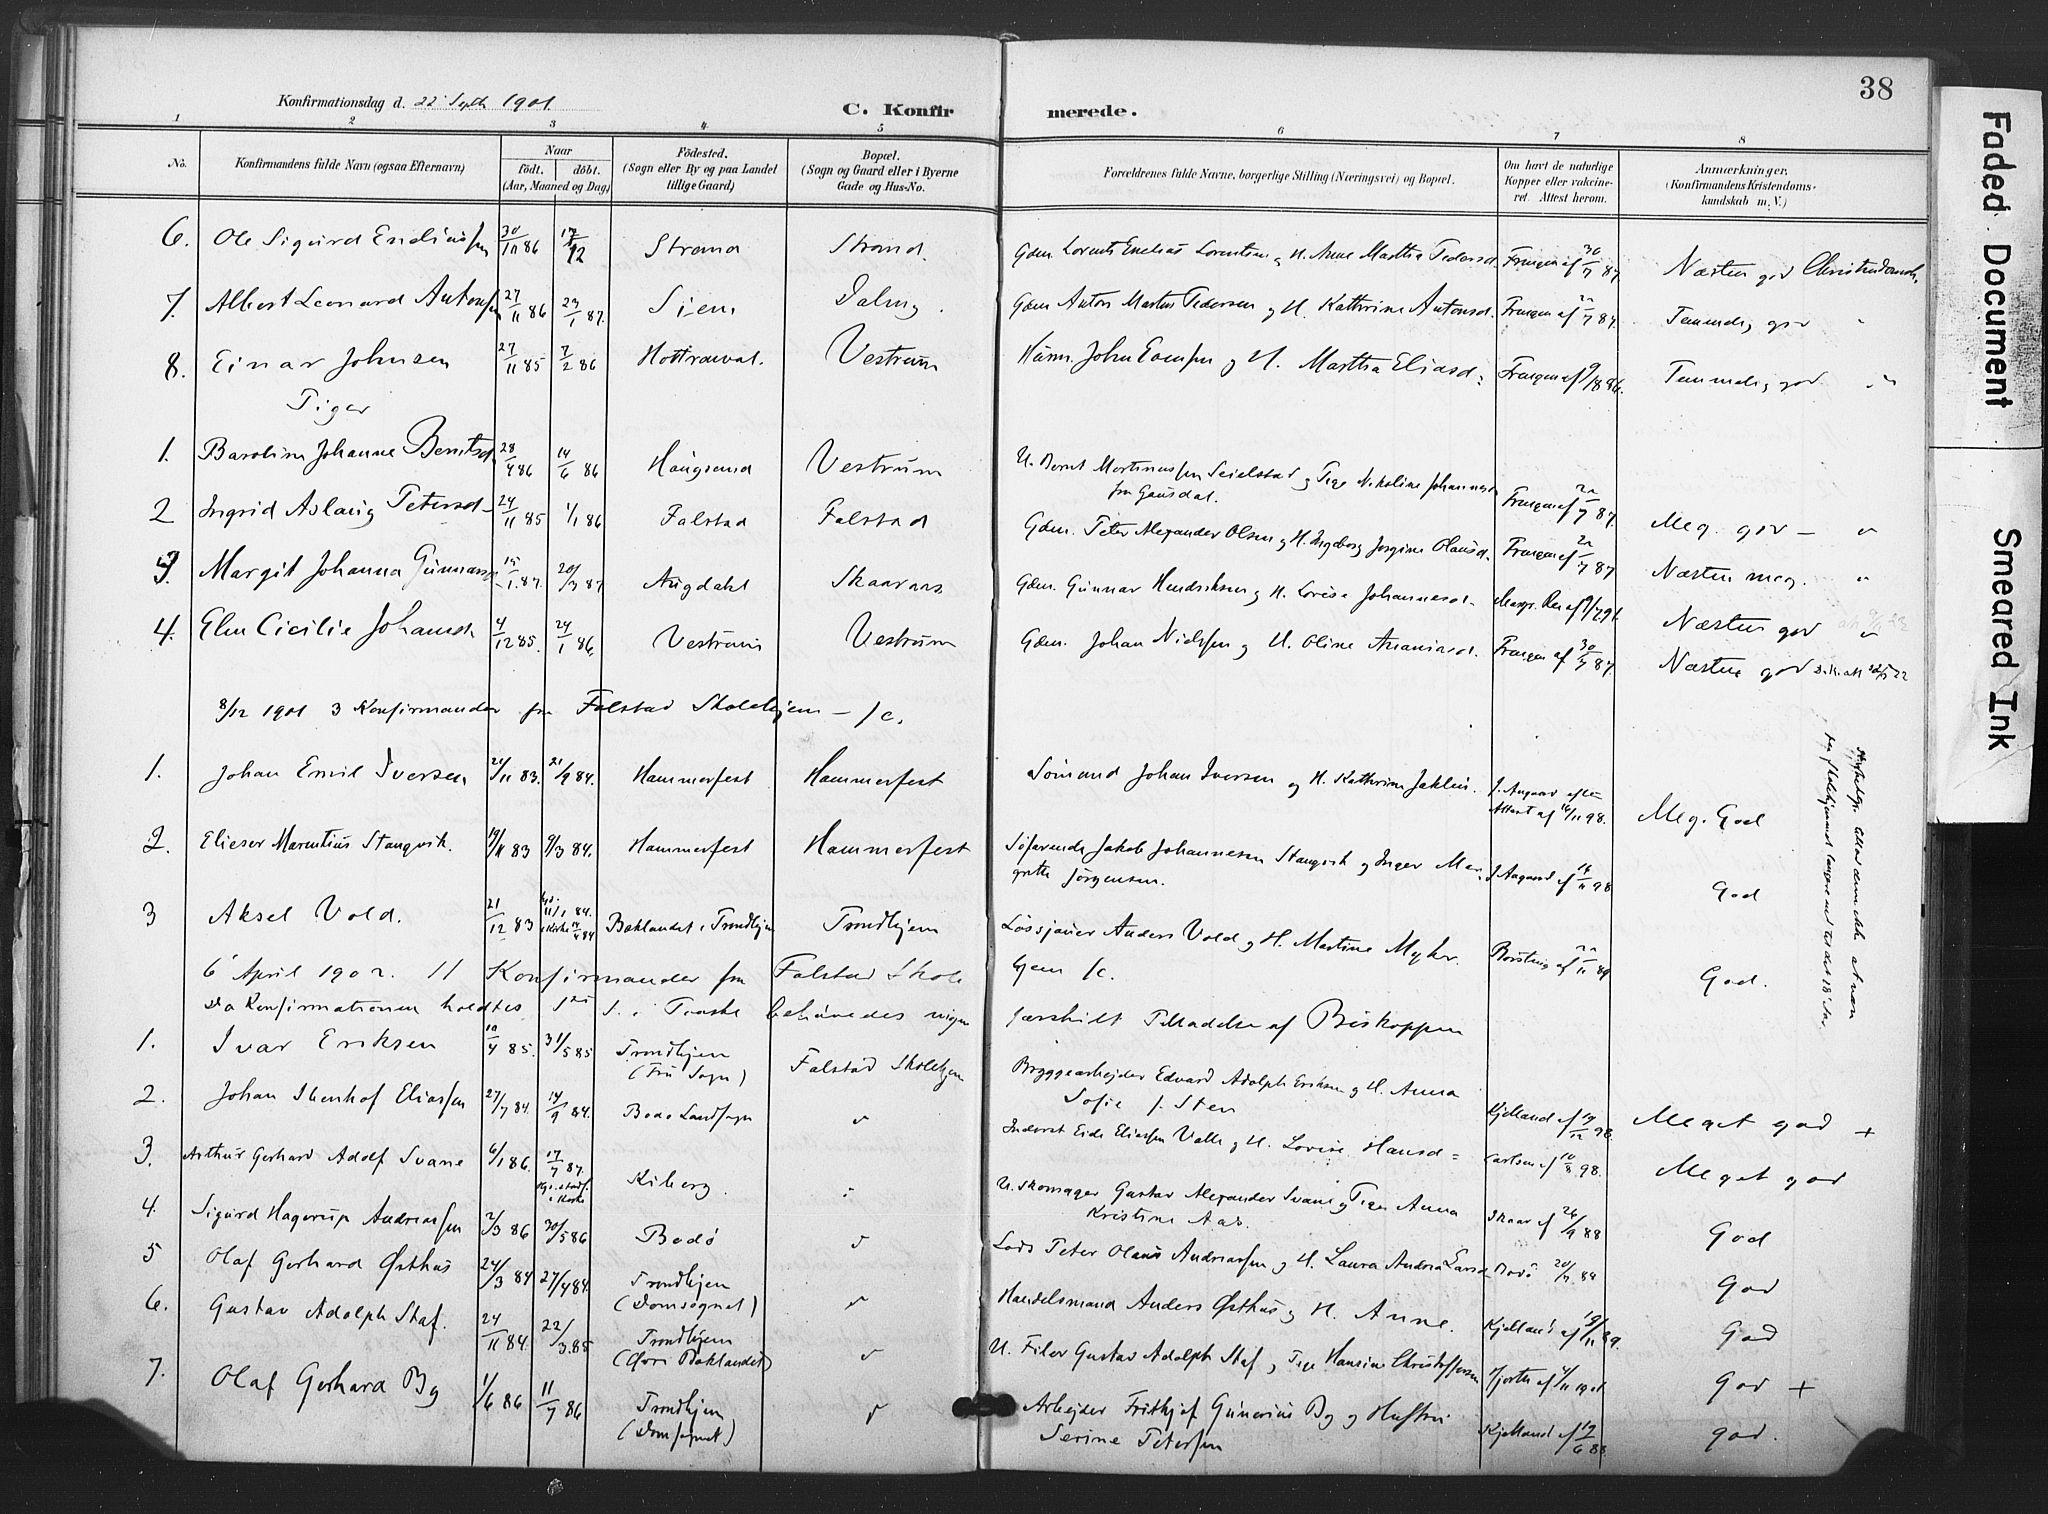 SAT, Ministerialprotokoller, klokkerbøker og fødselsregistre - Nord-Trøndelag, 719/L0179: Ministerialbok nr. 719A02, 1901-1923, s. 38